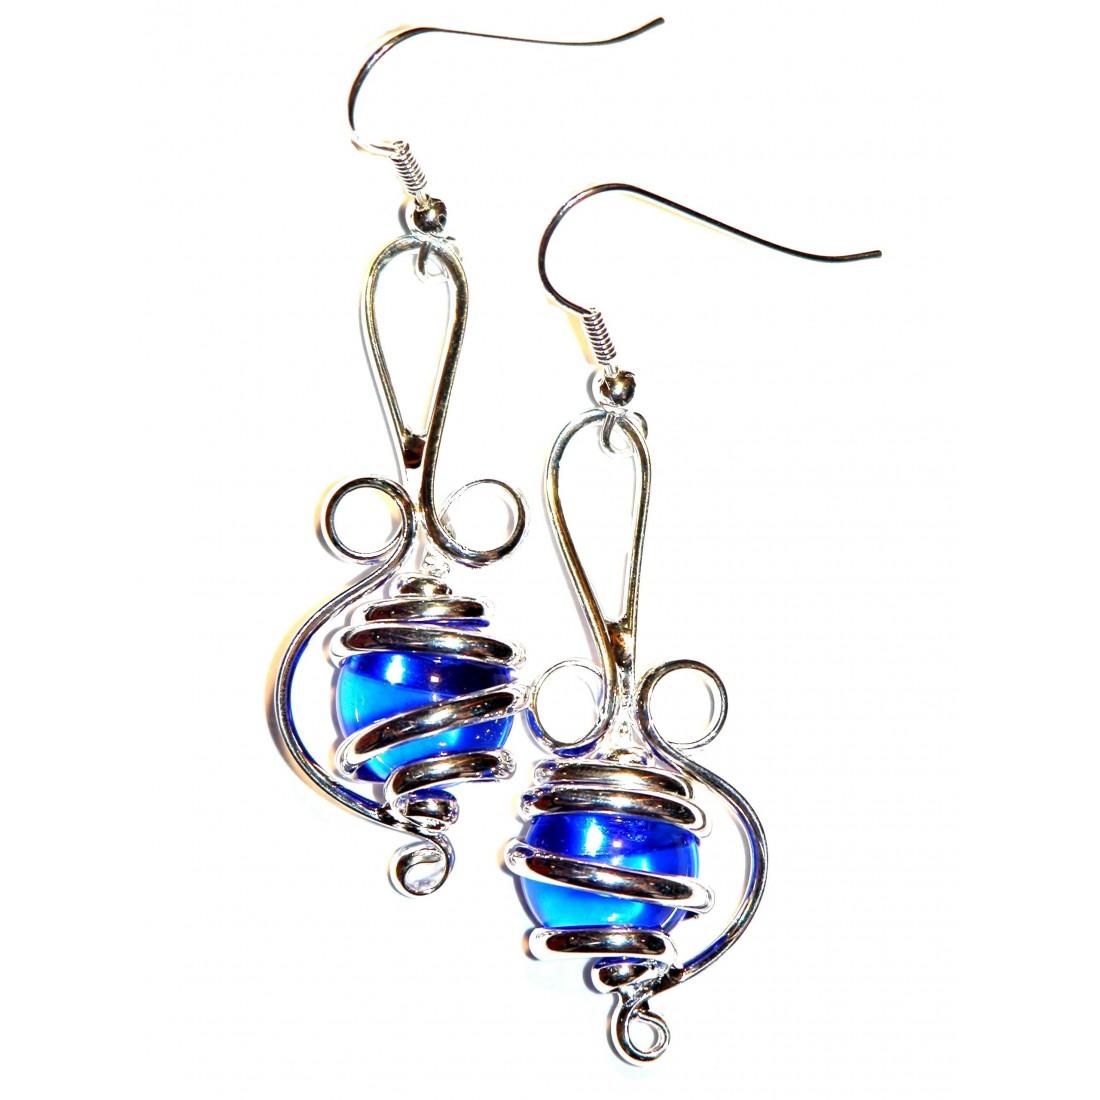 Bijou de créateur-boucles d'oreilles argent et bleu